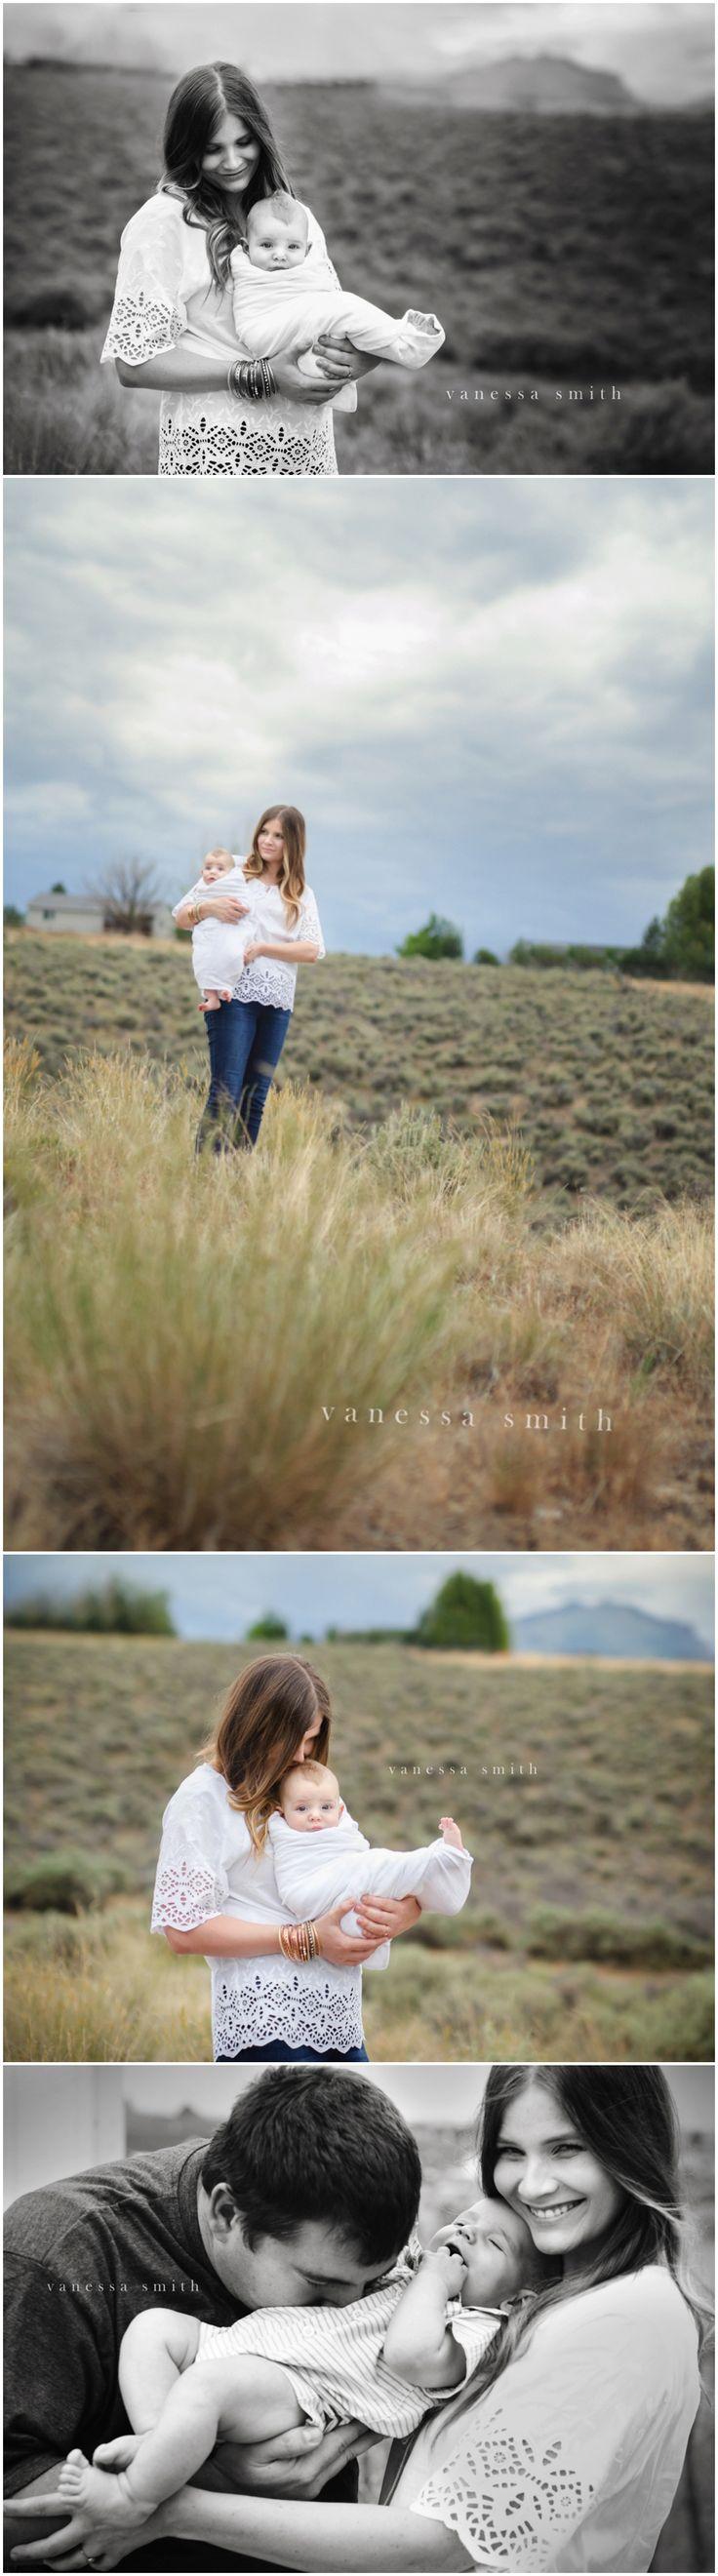 mom and baby photography inspiration   vanessa smith photography   Omaha, Nebraska